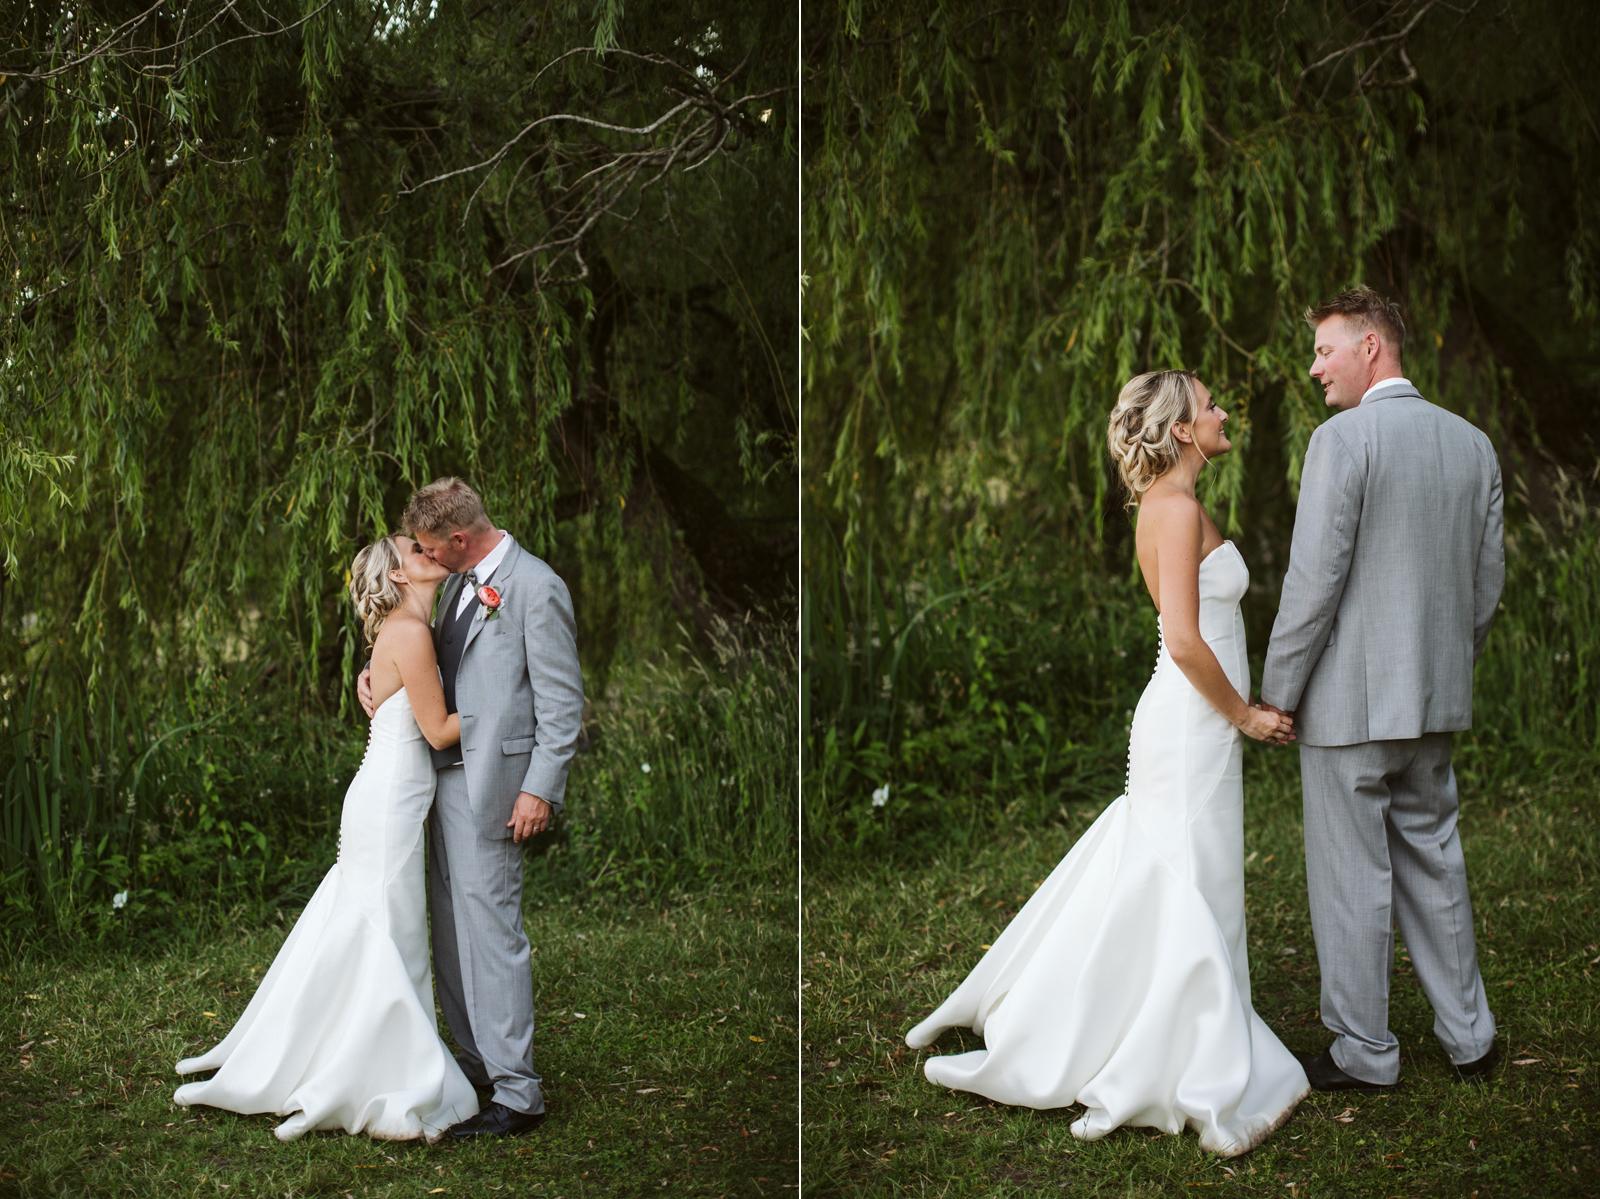 174-daronjackson-gabby-alec-wedding.jpg